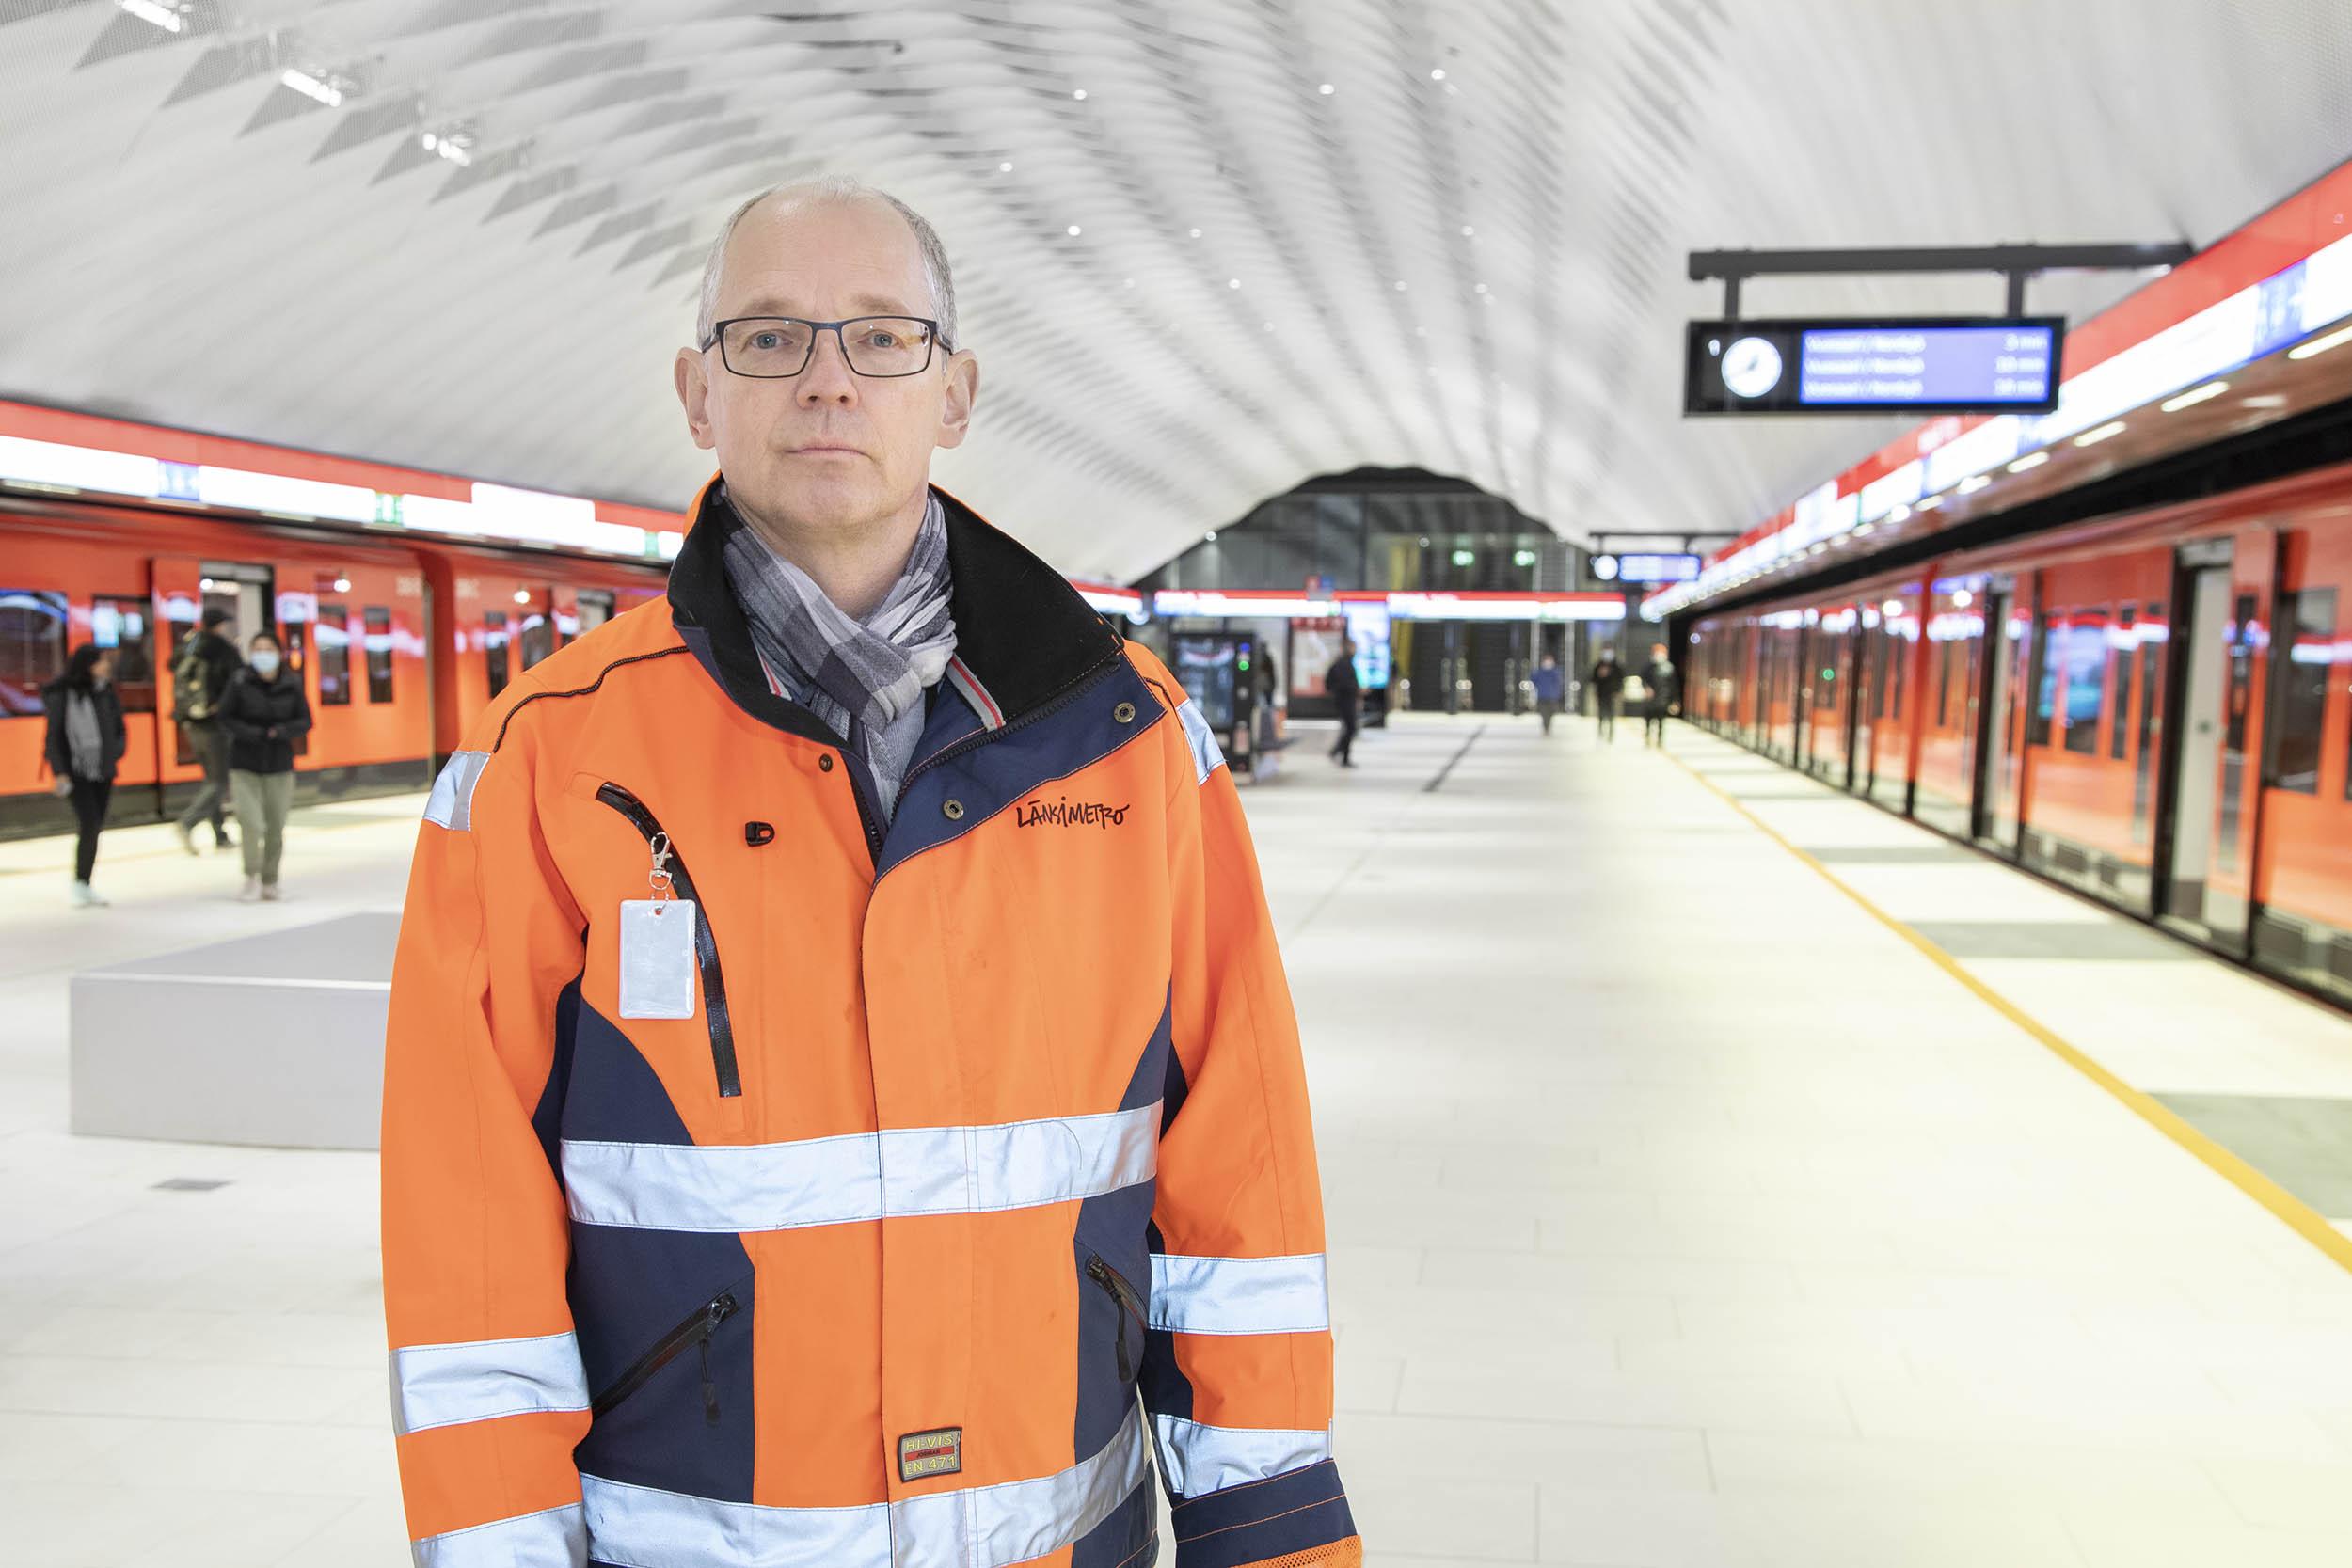 Työmaavaatteisiin pukeutunut mies seisoo Matinkylän metroaseman asemalaiturilla.